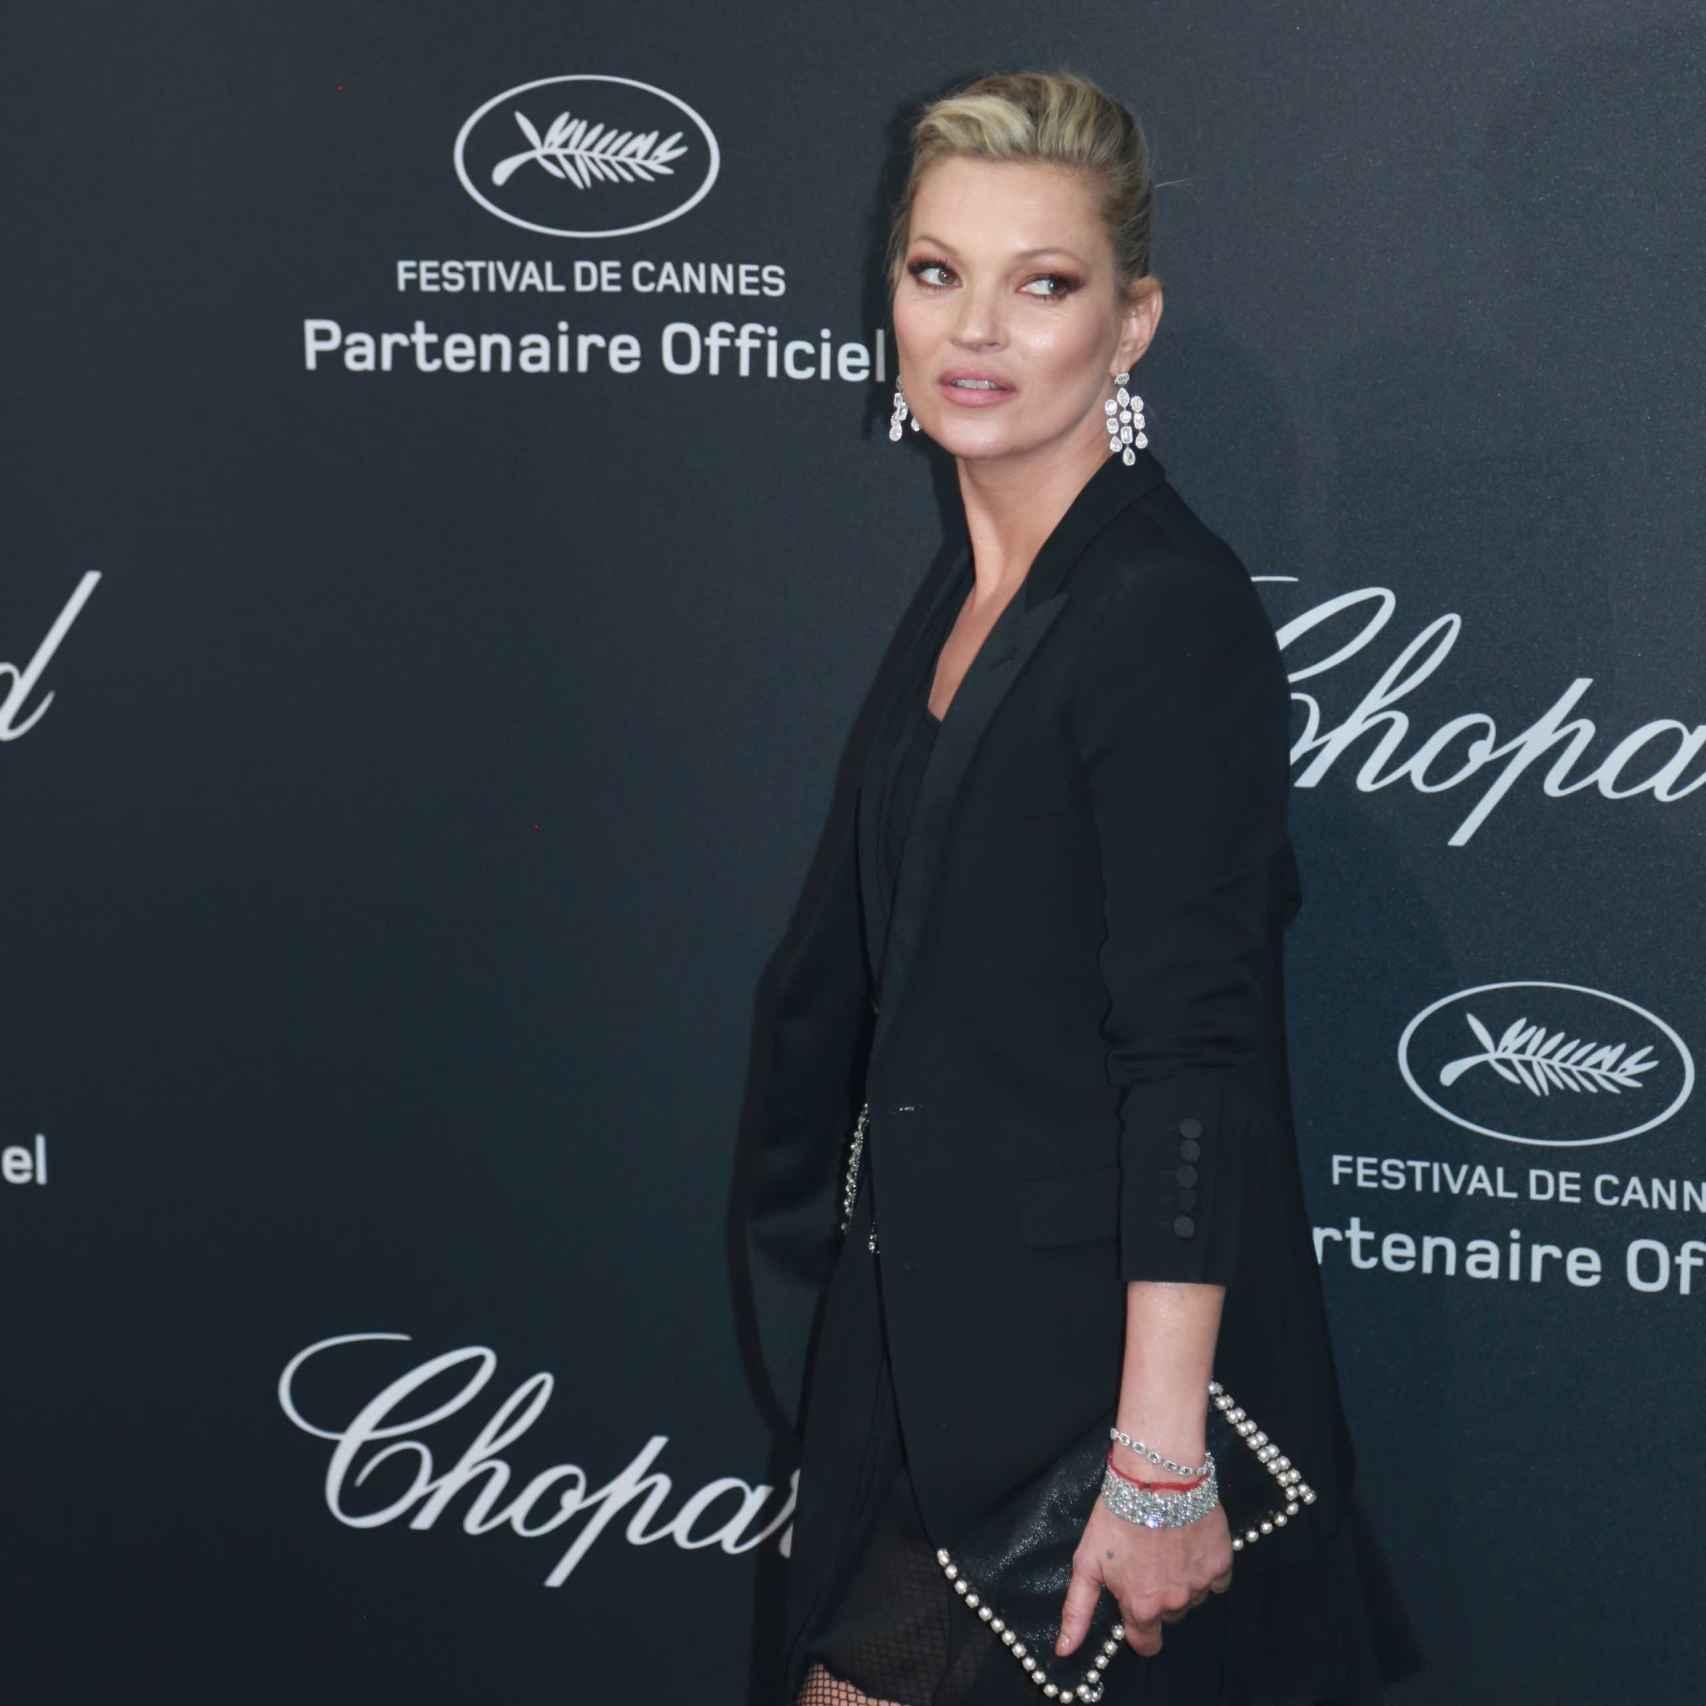 Kate Moss en la fiesta de Chopard en Cannes